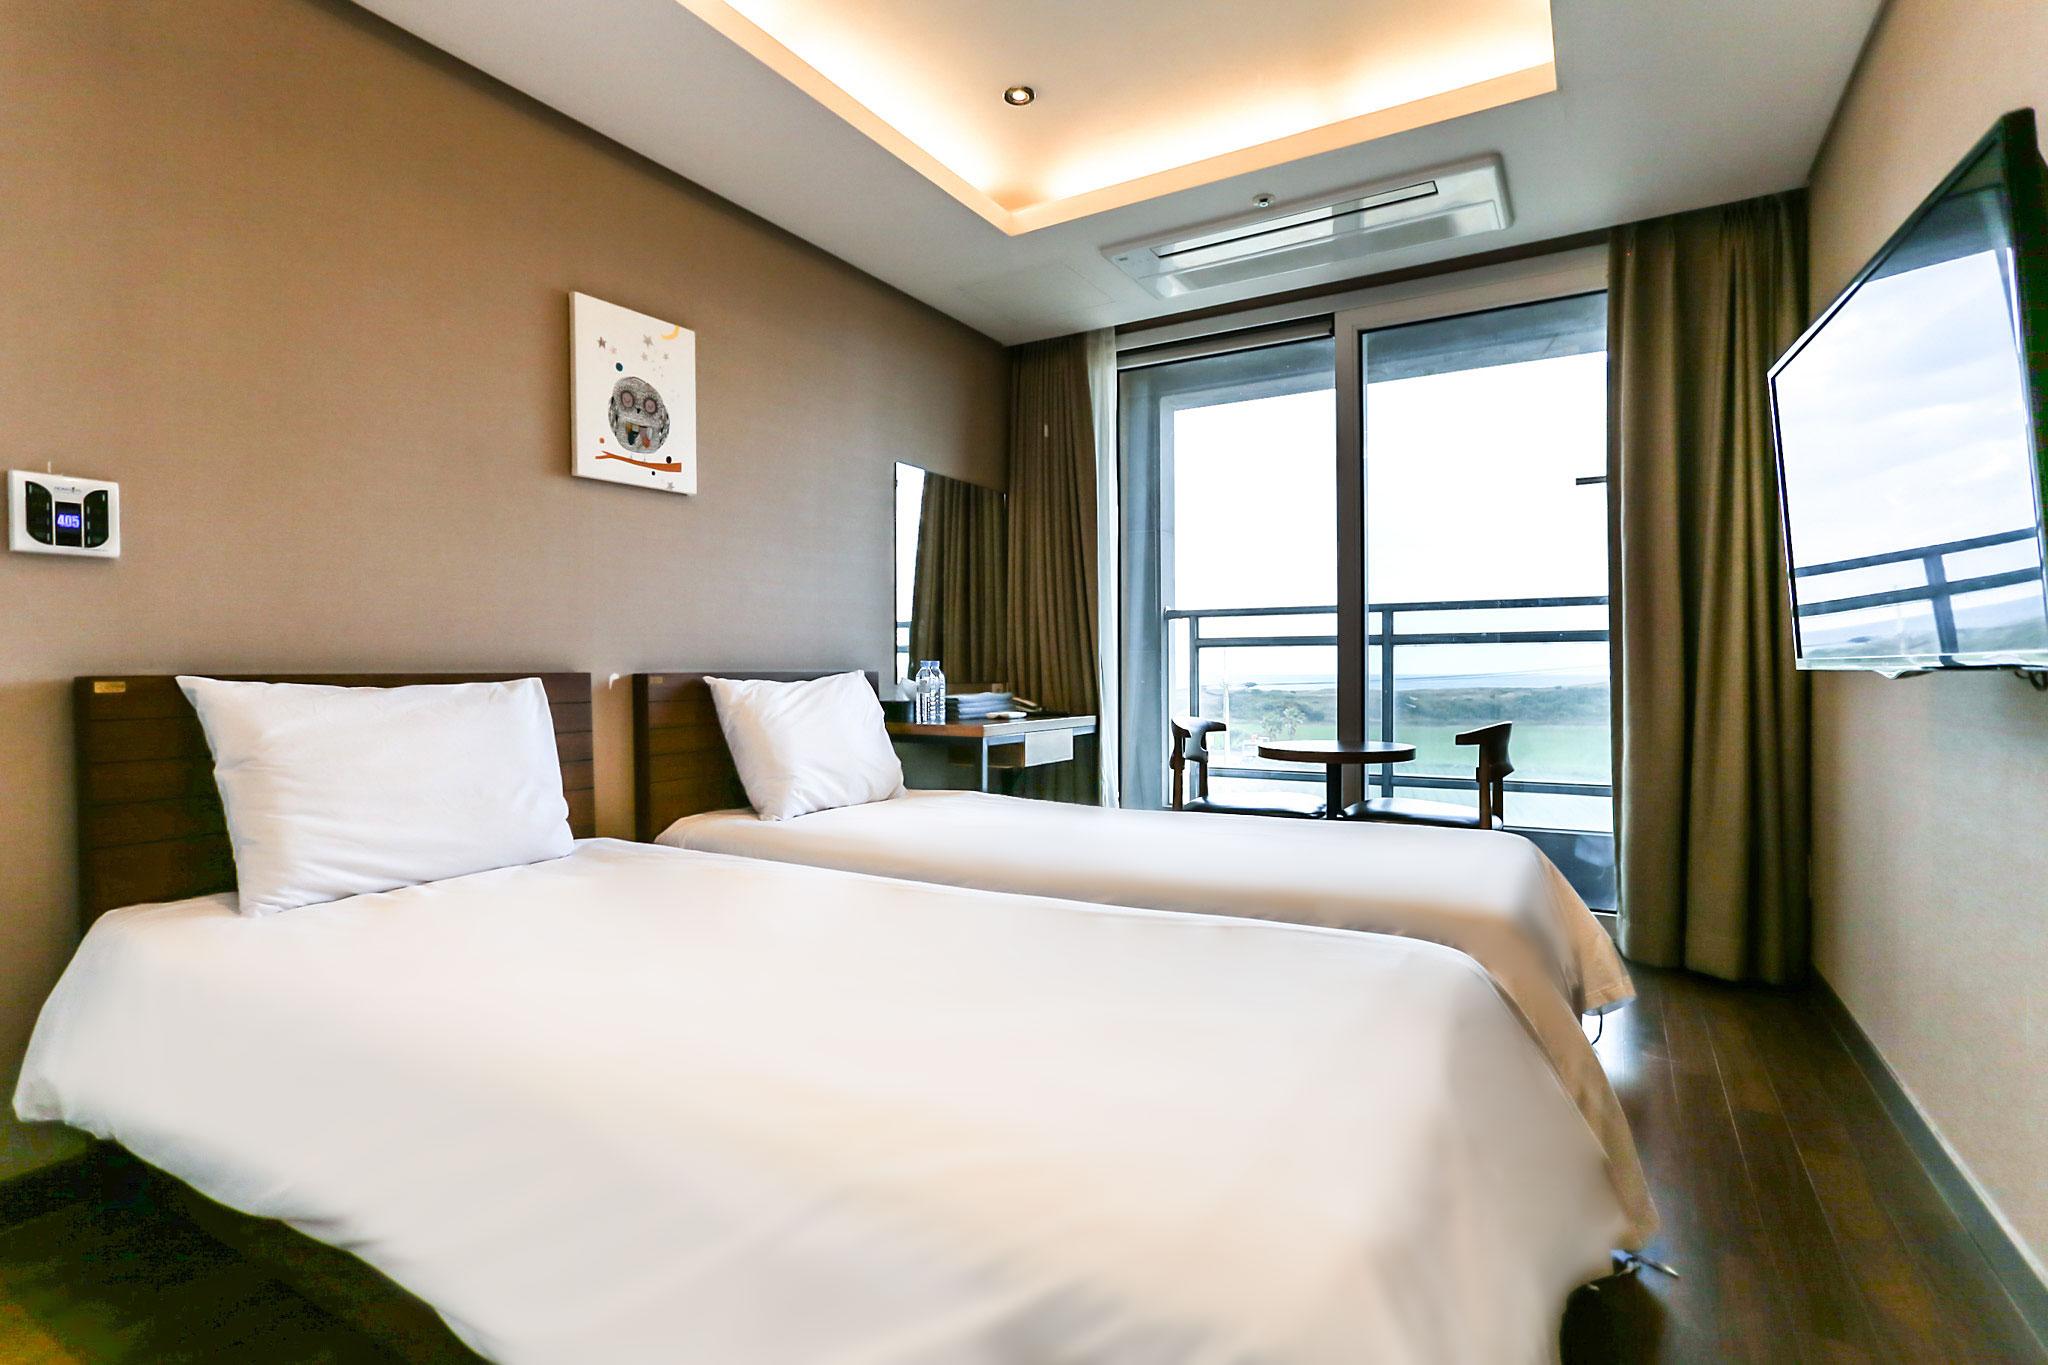 서귀포(성산) 호텔 MCC 썸네일2